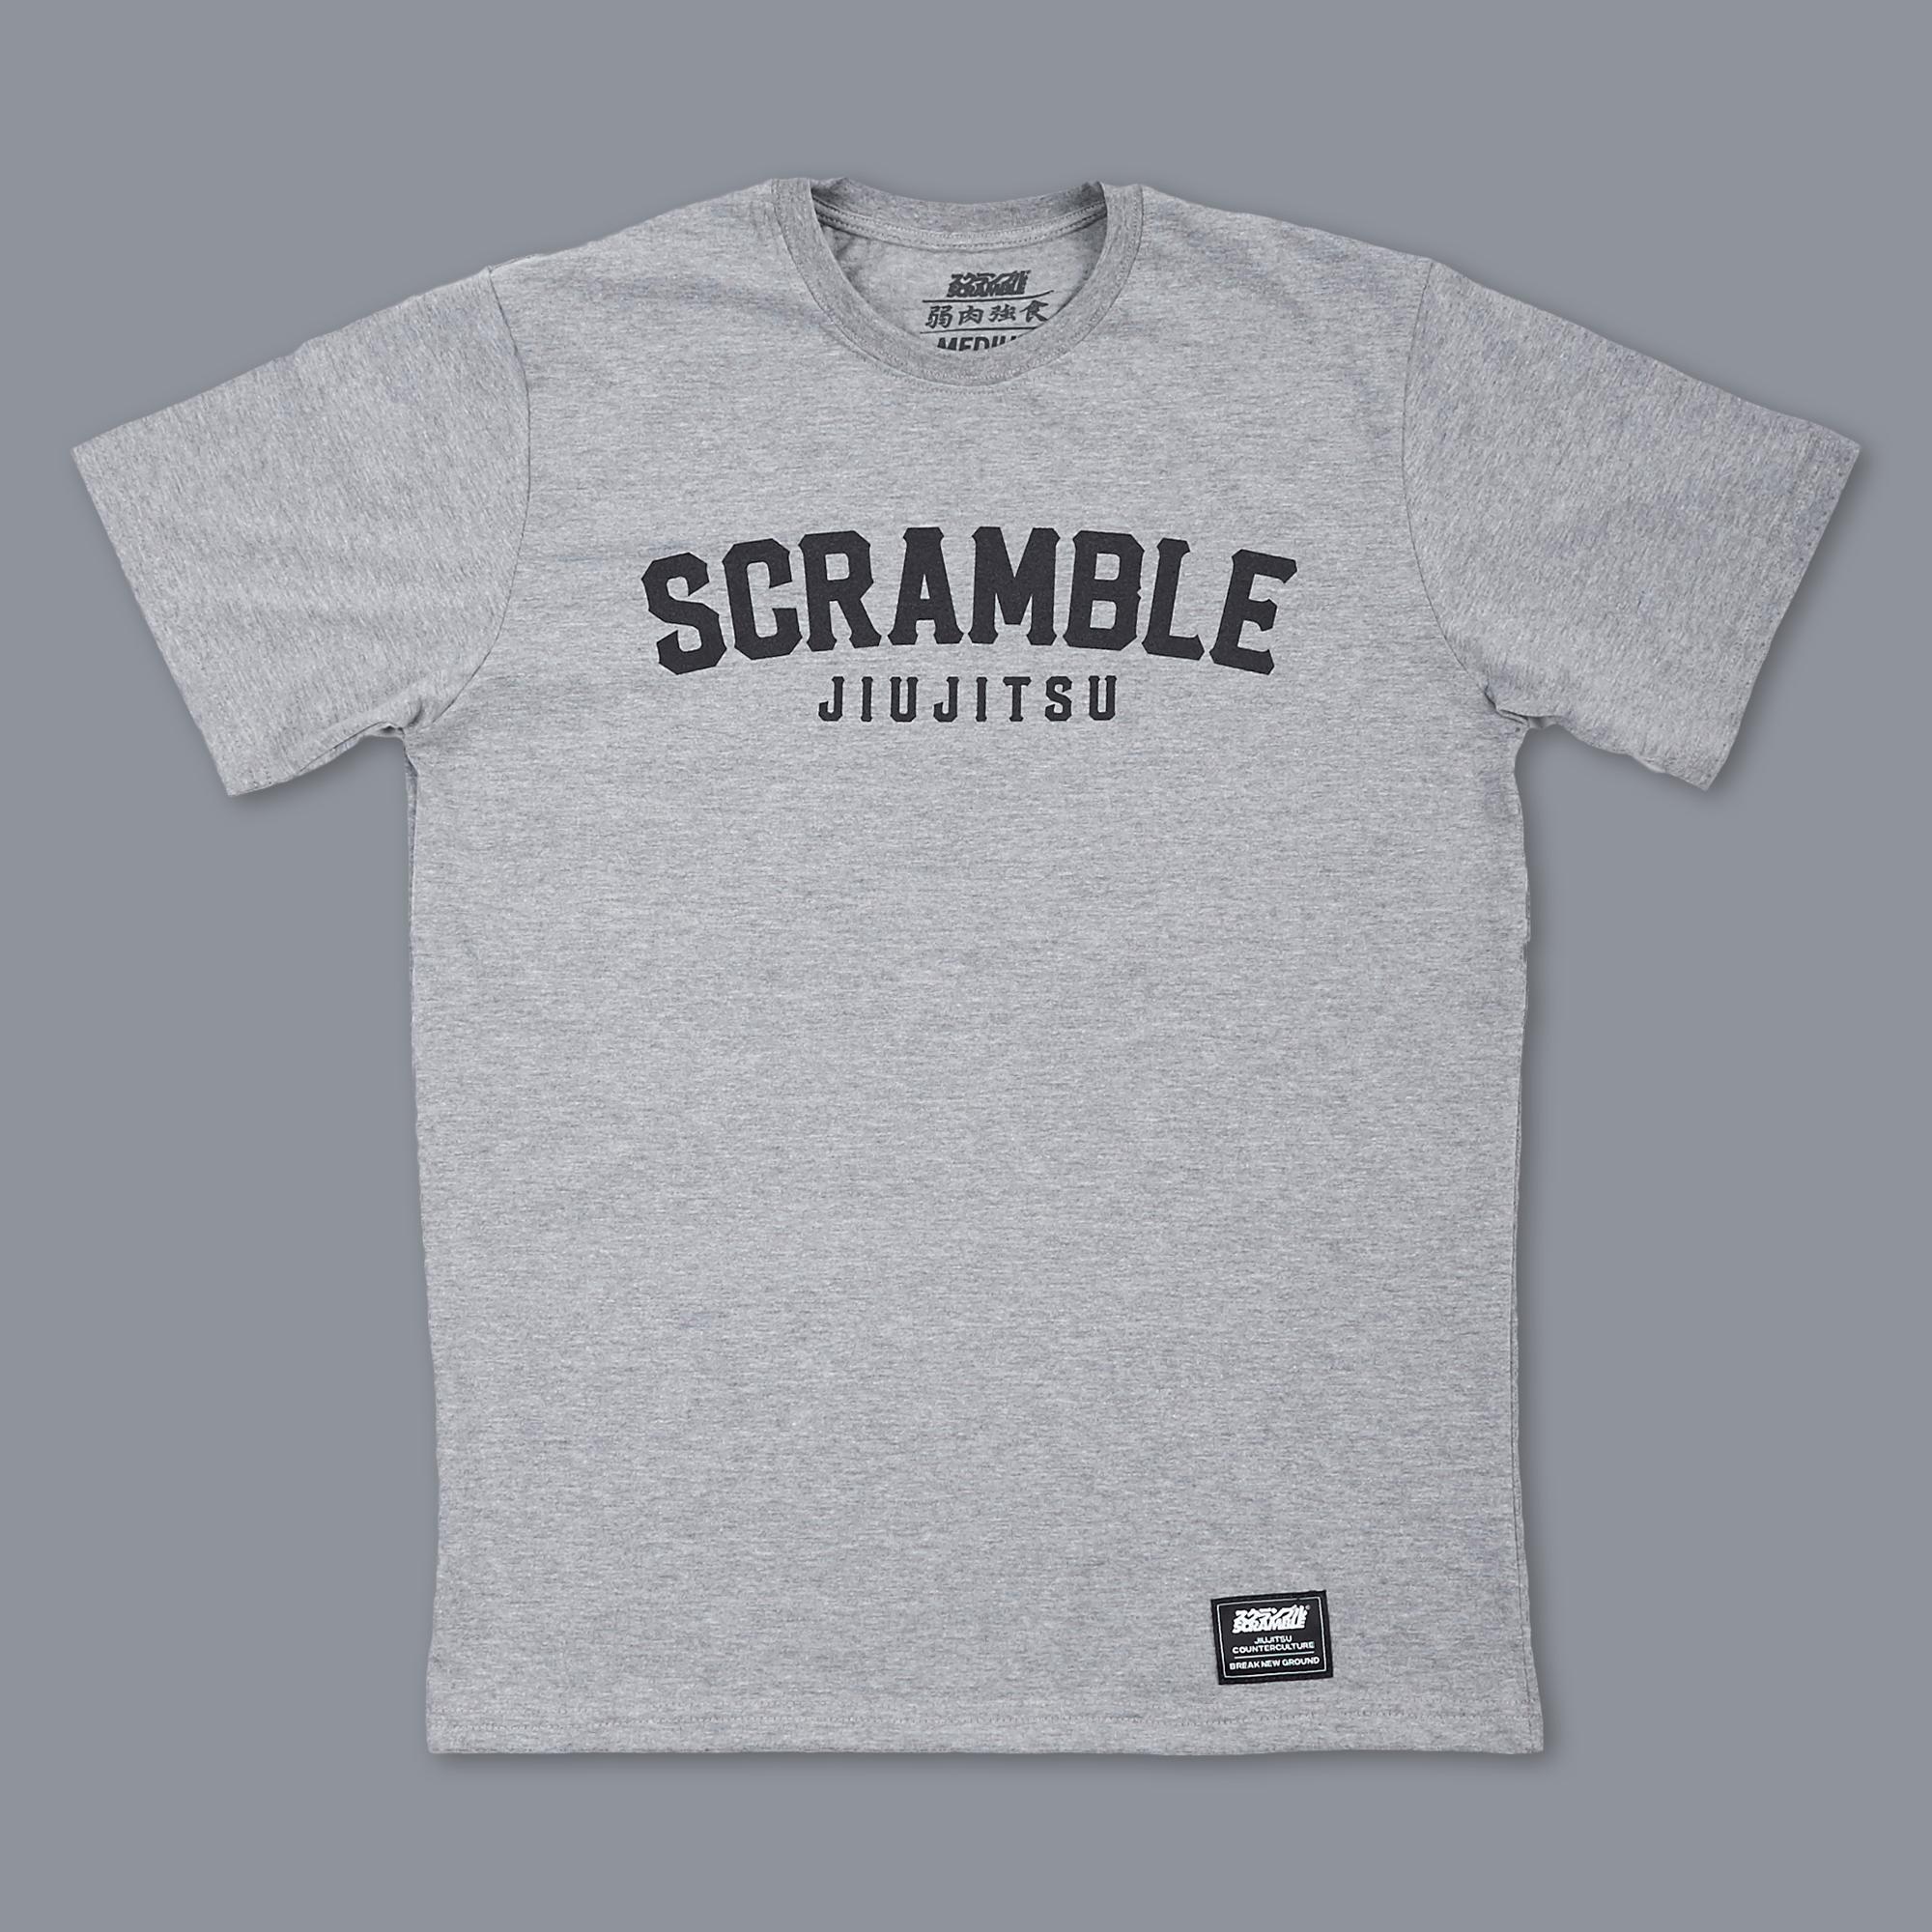 SCRAMBLE NOTHING GAINED EASILY TEE – DARK GREY 格闘技、柔術Tシャツ